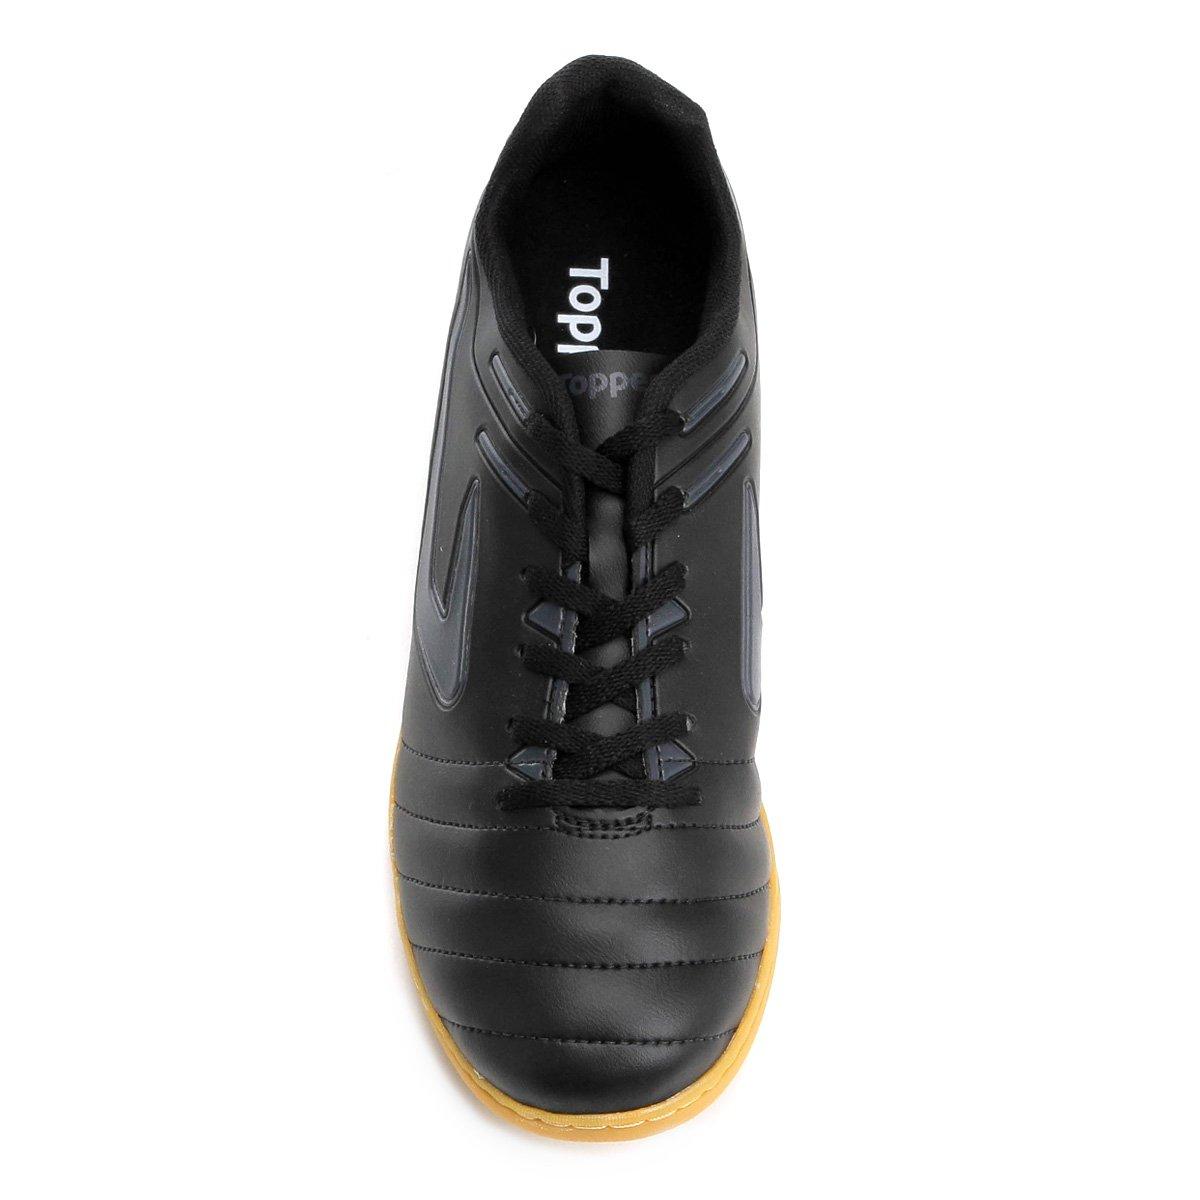 Chuteira Futsal Topper Boleiro - Preto - Compre Agora  0662a59a96015